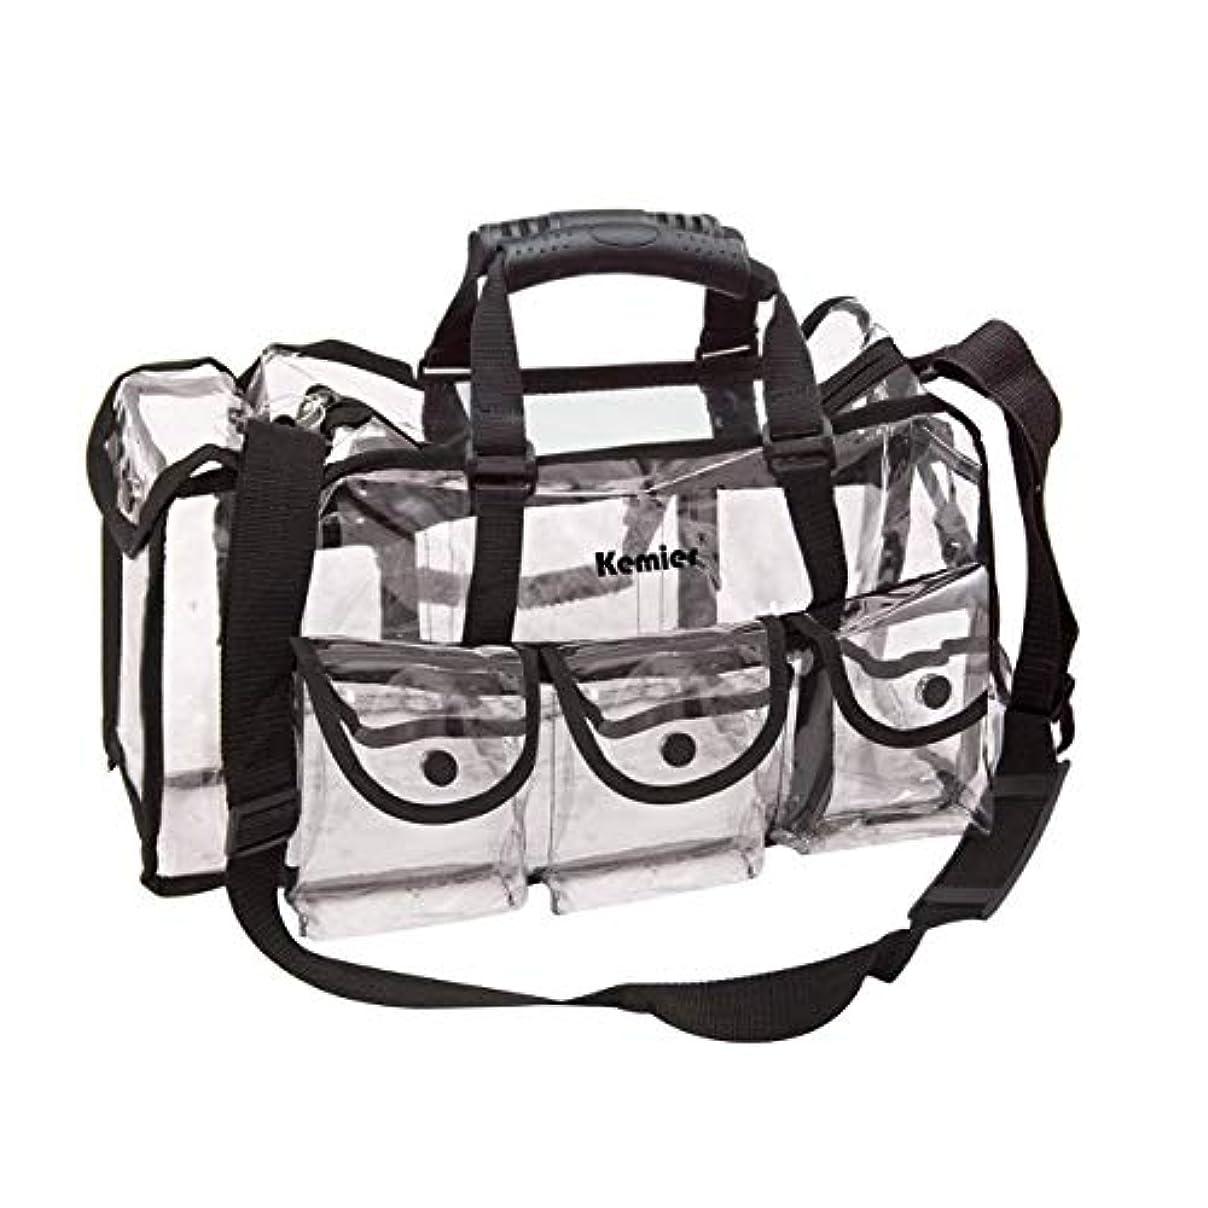 入札野球助言するKemier 透明 ハンドバッグ 機能的 コスメポーチ メイクポーチ メイクケース 小物入れ 化粧道具 整理整頓 軽量 防水 旅行 小物入れ 6つの外側ポケット付き